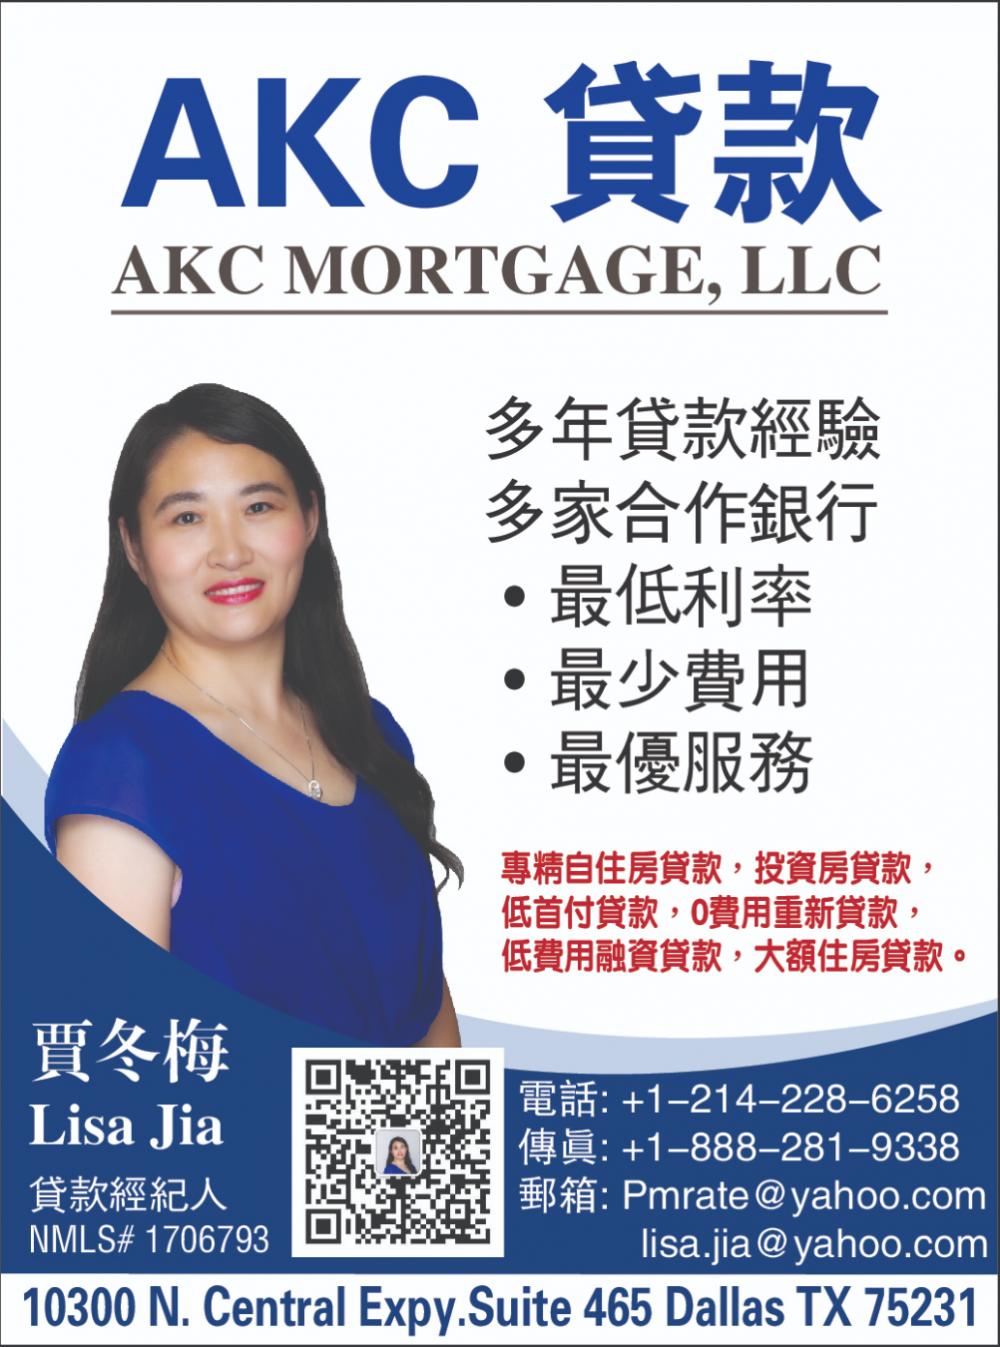 AKC MORGAGE 贷款 - 贾冬梅